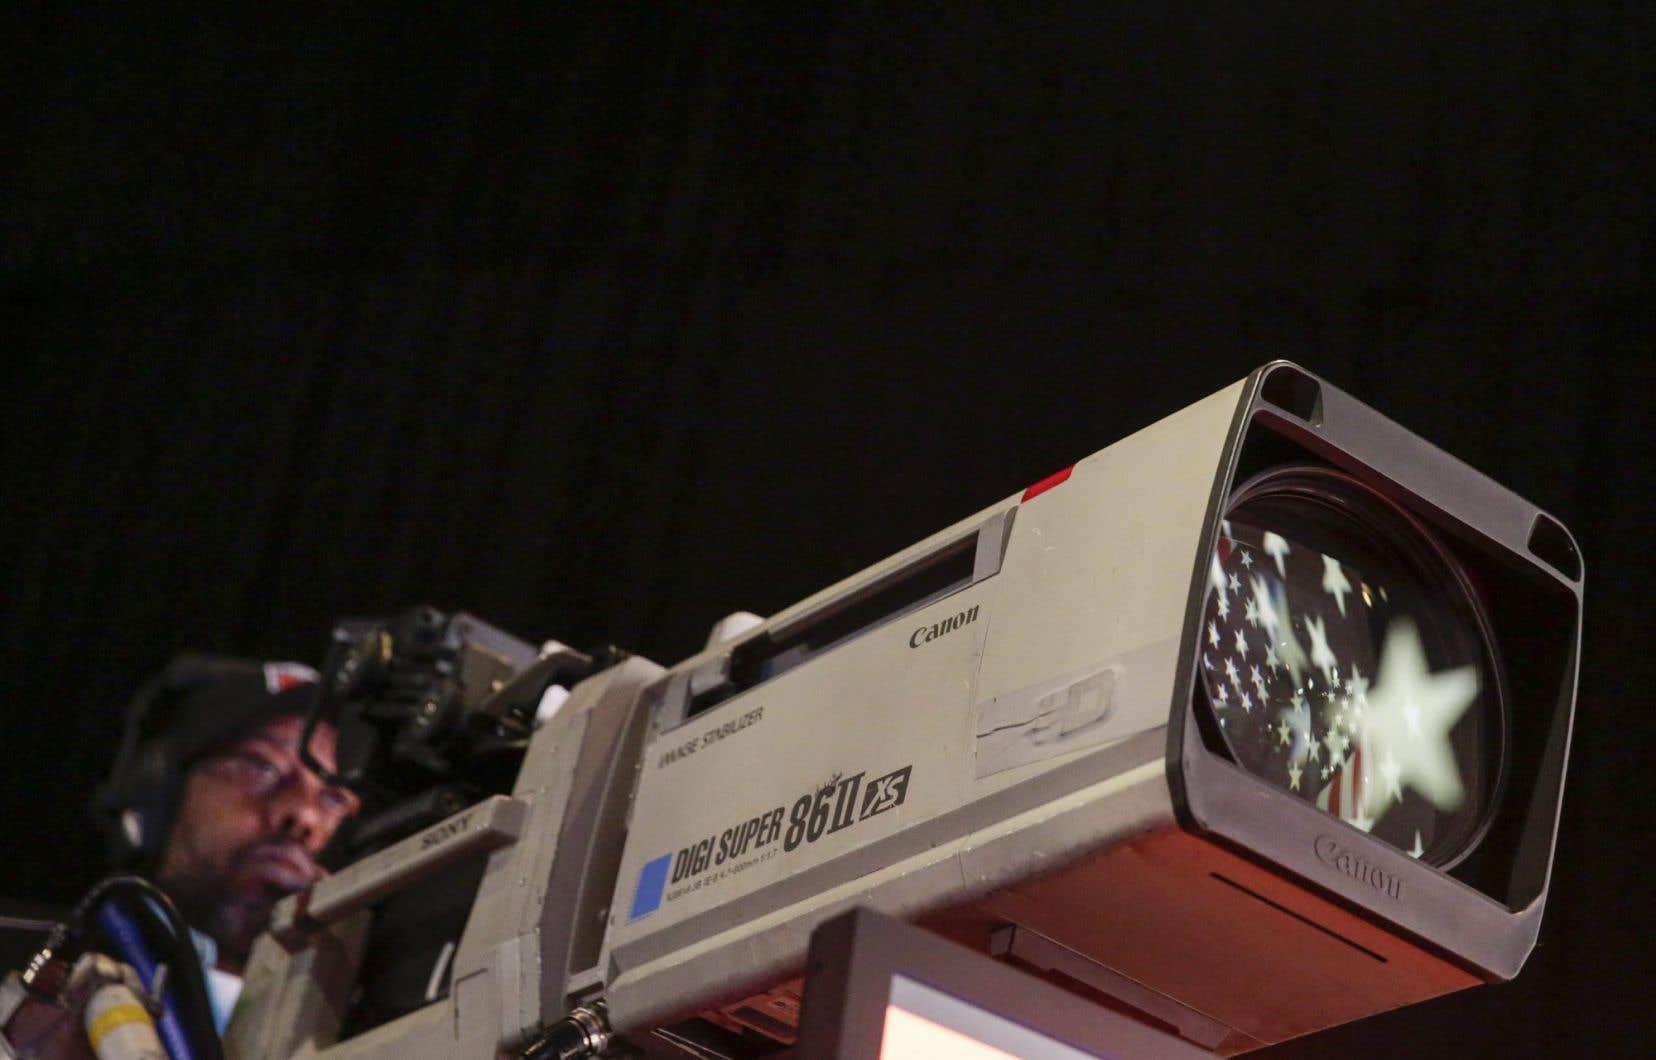 «Dans les jours précédant le scrutin, les principaux journaux des États-Unis prenaient tous position en faveur d'Hillary Clinton, mais il était trop tard», écrit Pierre Duchesne.